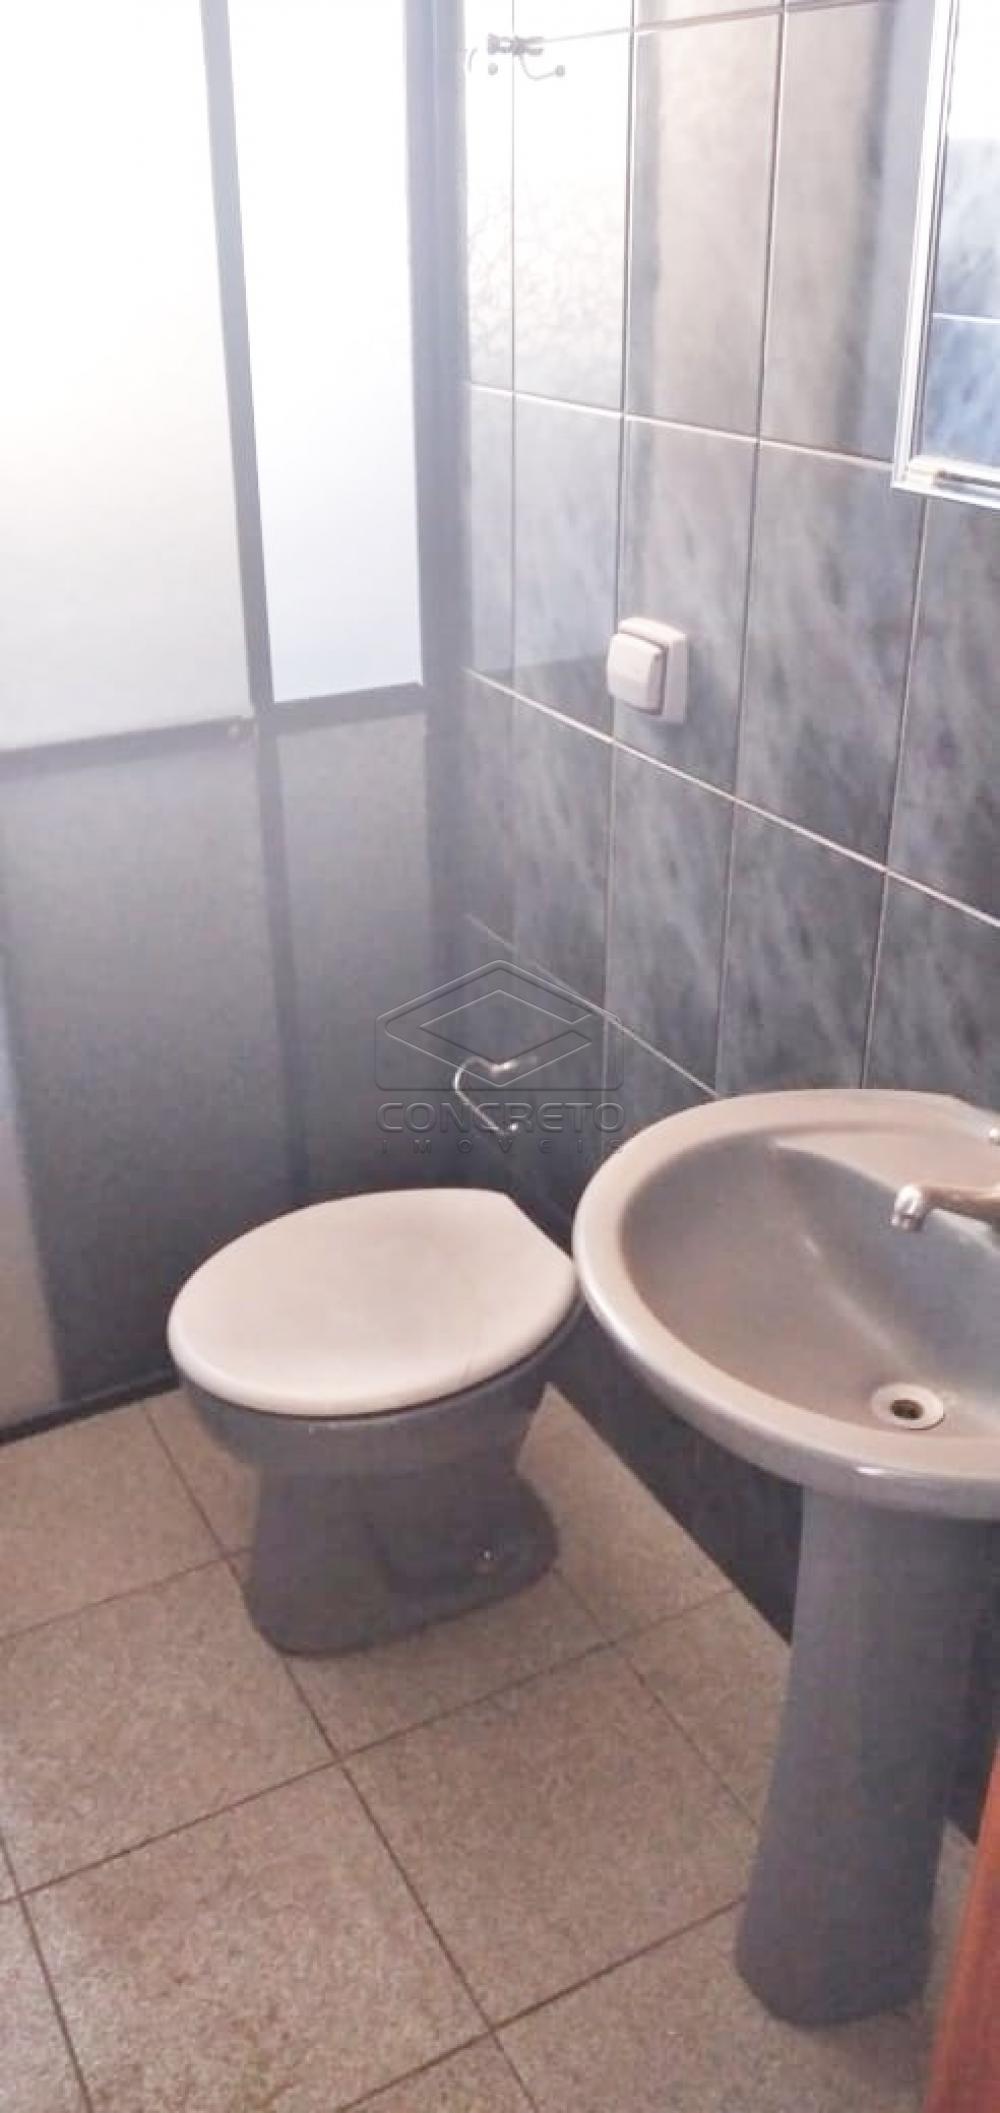 Comprar Casa / Residencia em Jaú apenas R$ 275.000,00 - Foto 8